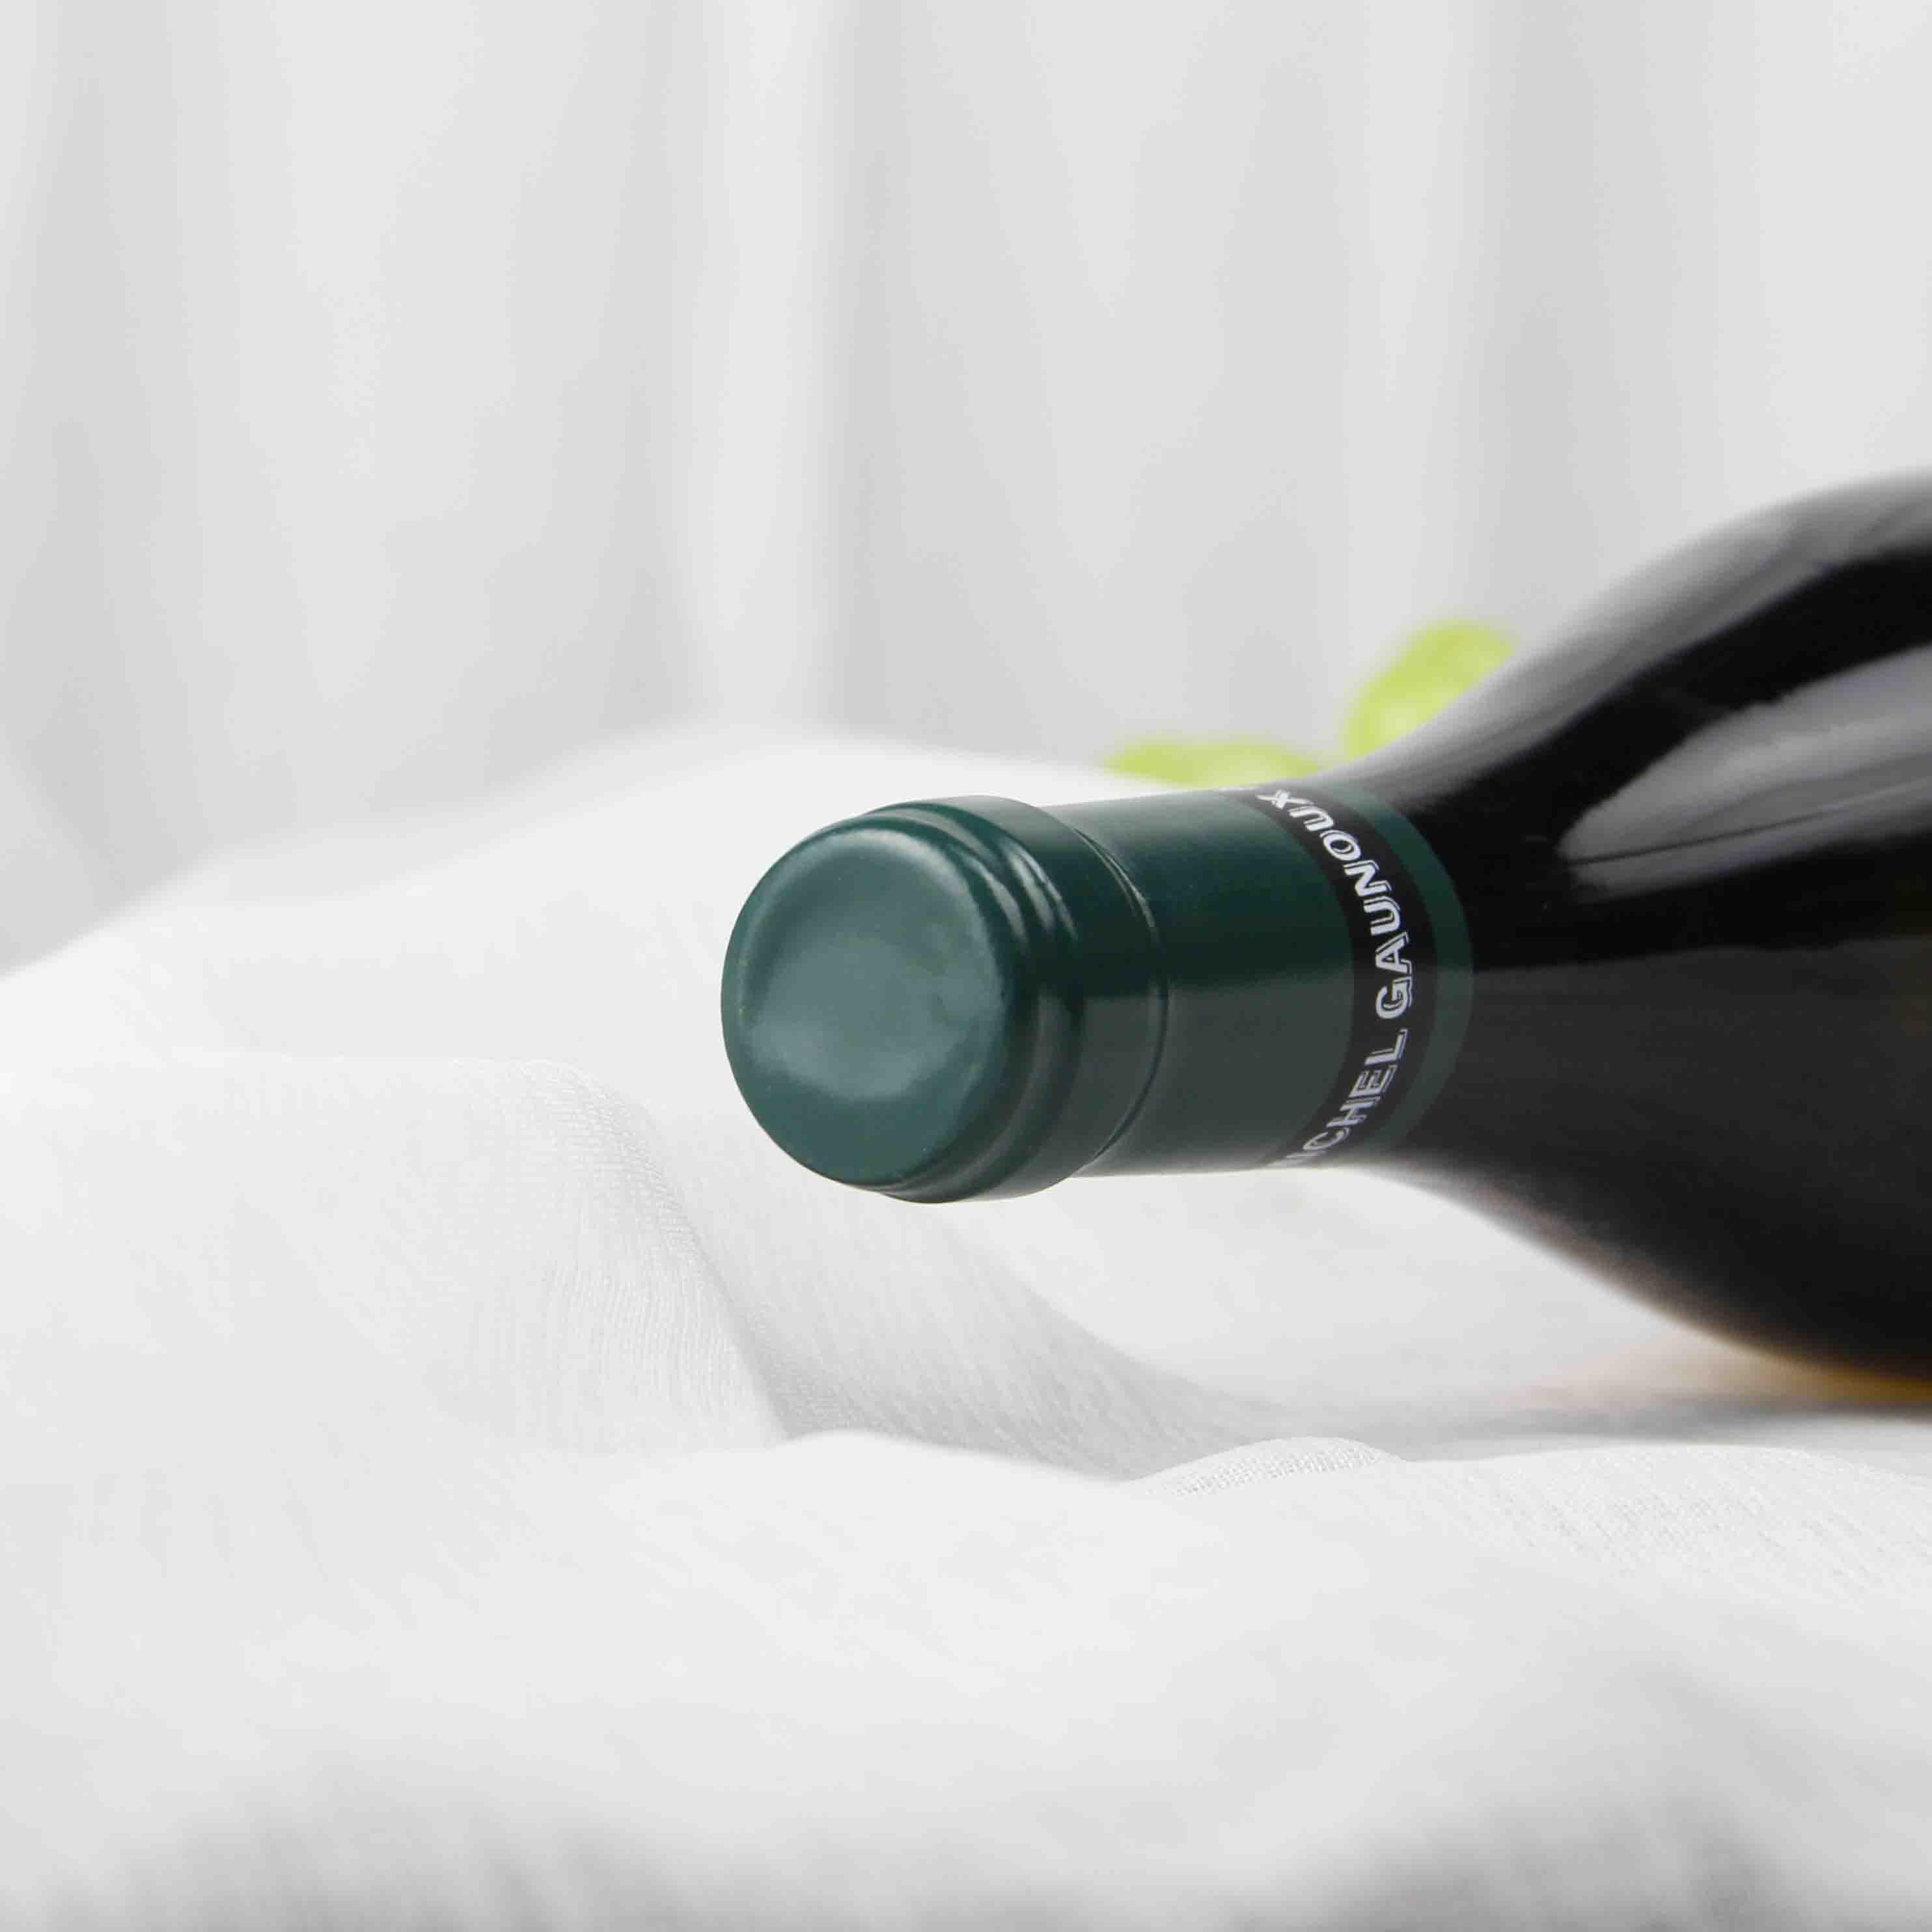 法国格鲁酒庄普里尼-蒙哈榭富乐迪一级园白葡萄酒